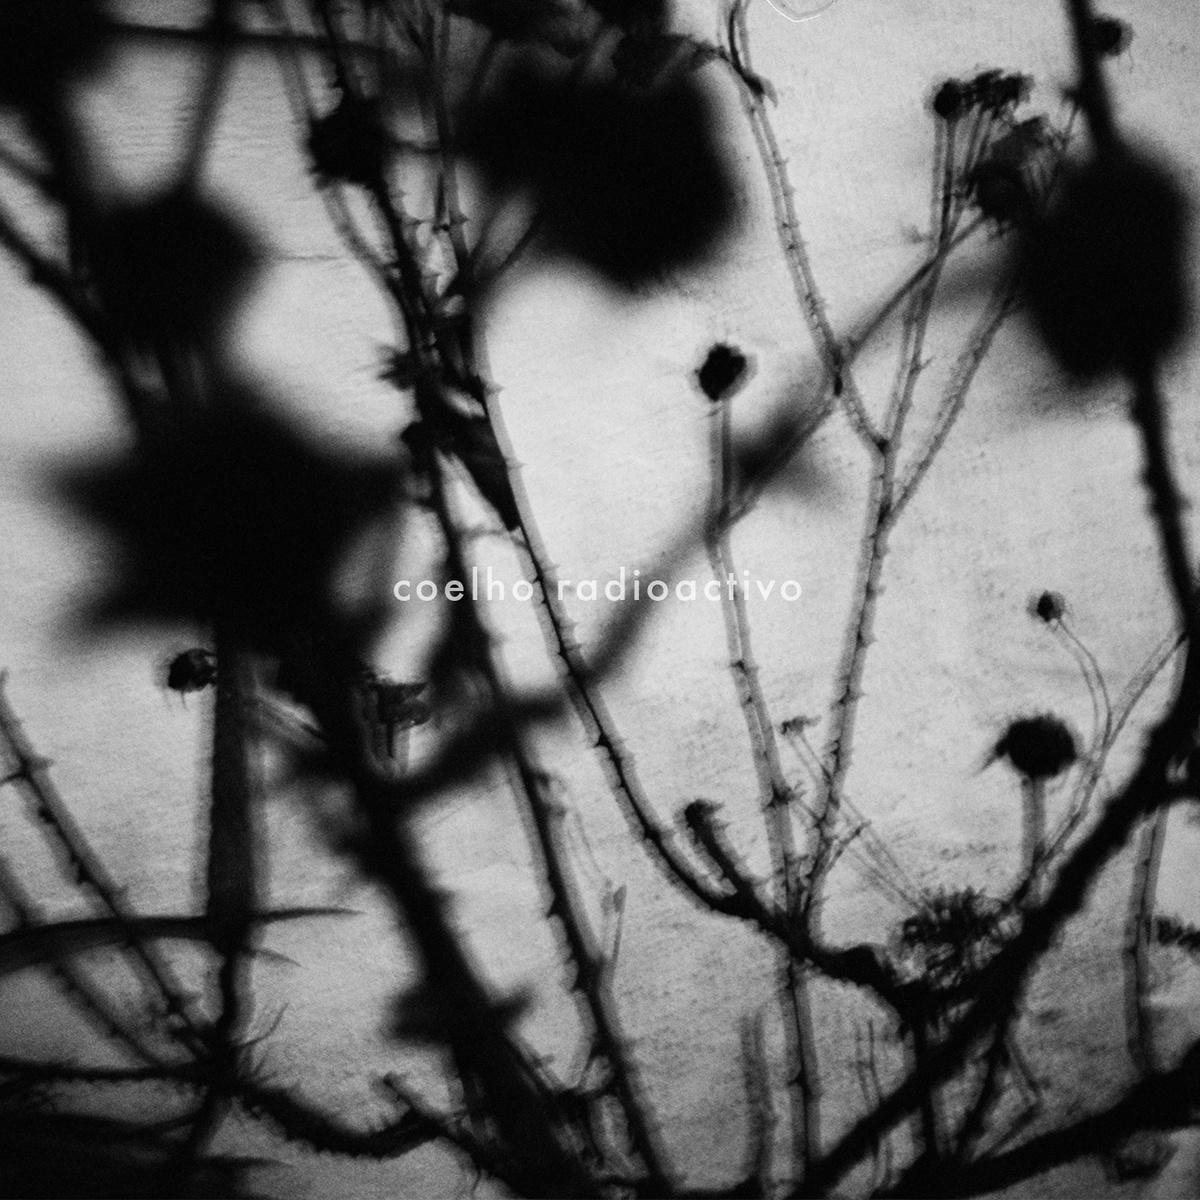 Coelho Radioactivo - Canções Mortas